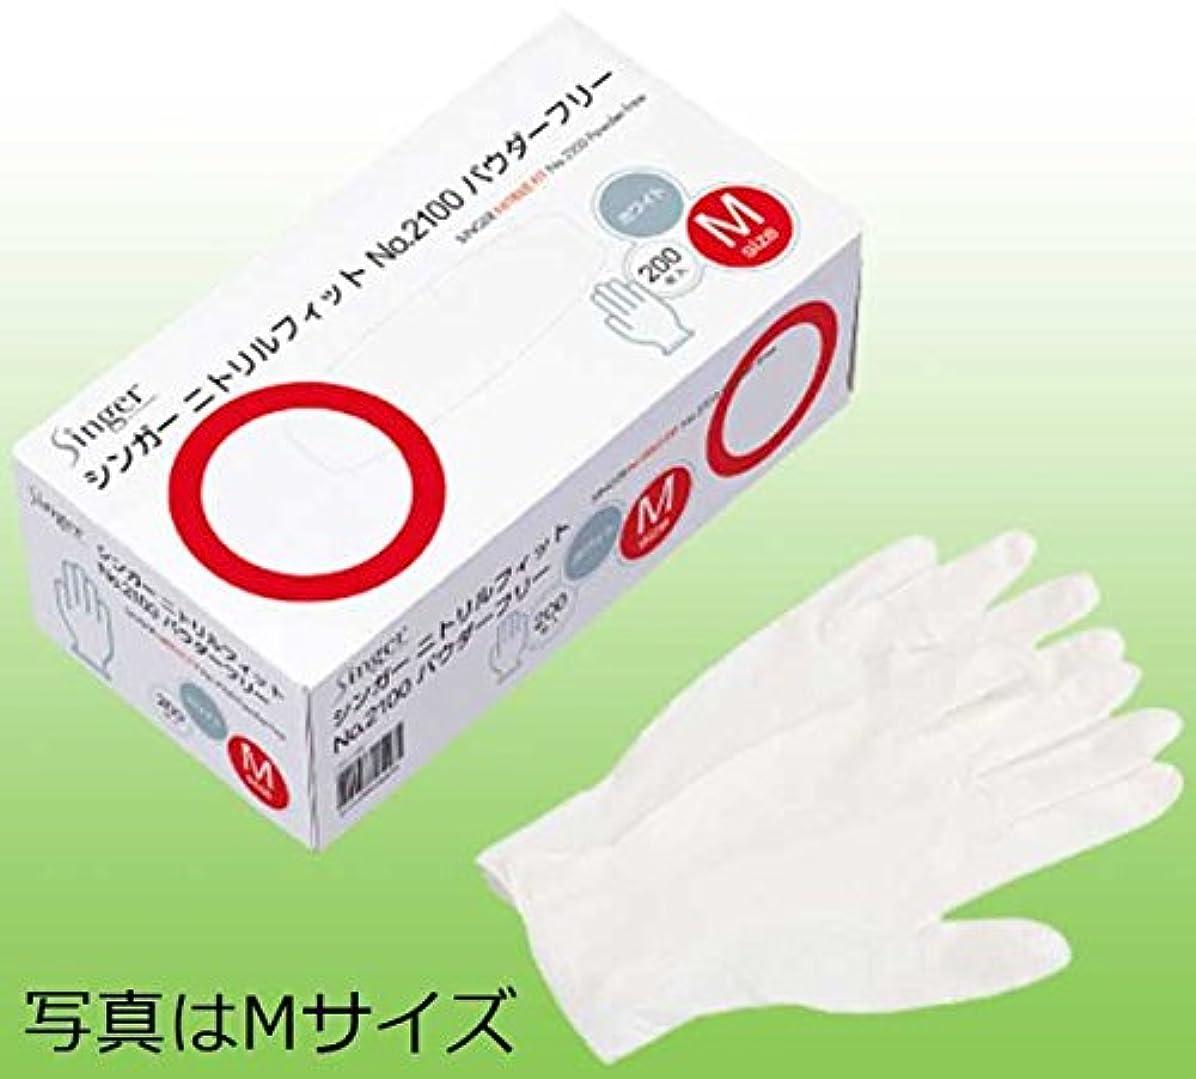 サスティーン習熟度一般シンガーニトリルフィット No.2100 使い捨て手袋 粉なしパウダーぶりー2000枚 (200枚入り×20箱) (M)